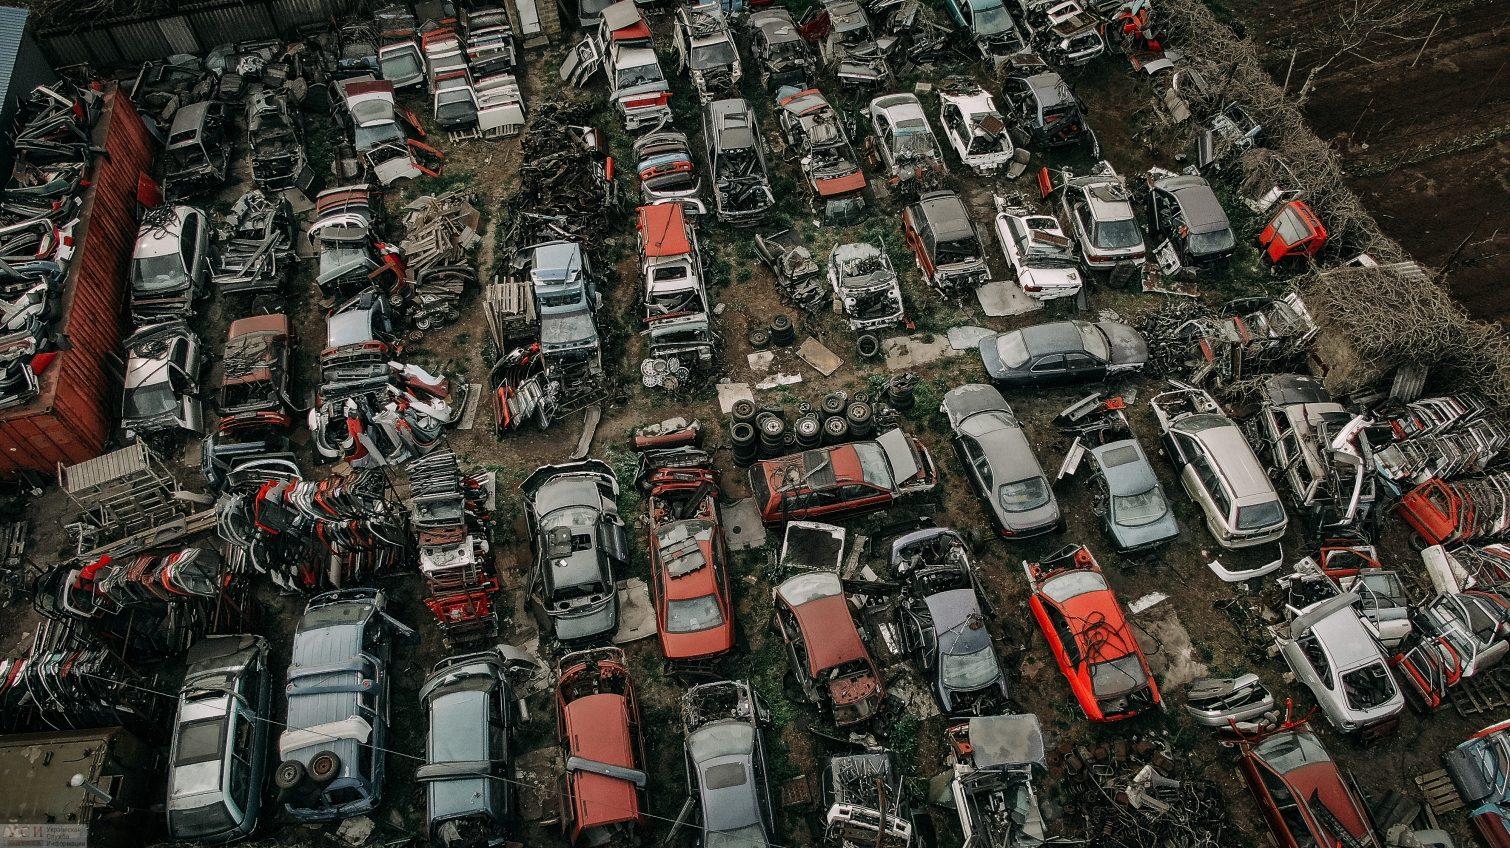 «Разборки»: кладбище машин на Куяльнике (аэросъемка) «фото»